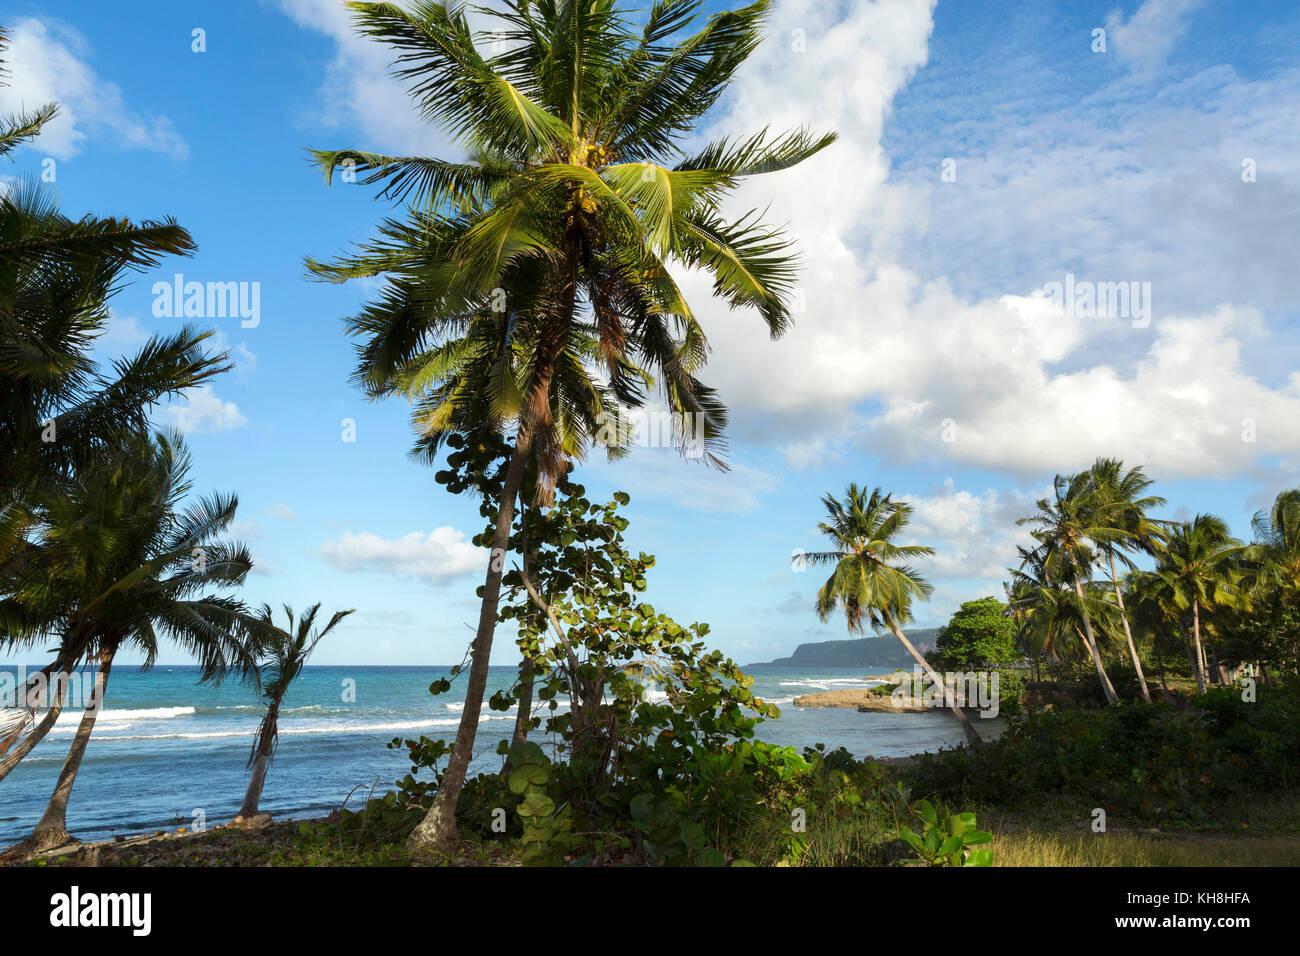 Palmenstrand bei Baracoa, Provinz Guantanamo, Kuba Engl.: Cuba, Provinz Guantanamo, Baracoa, beach, palm trees Stock Photo